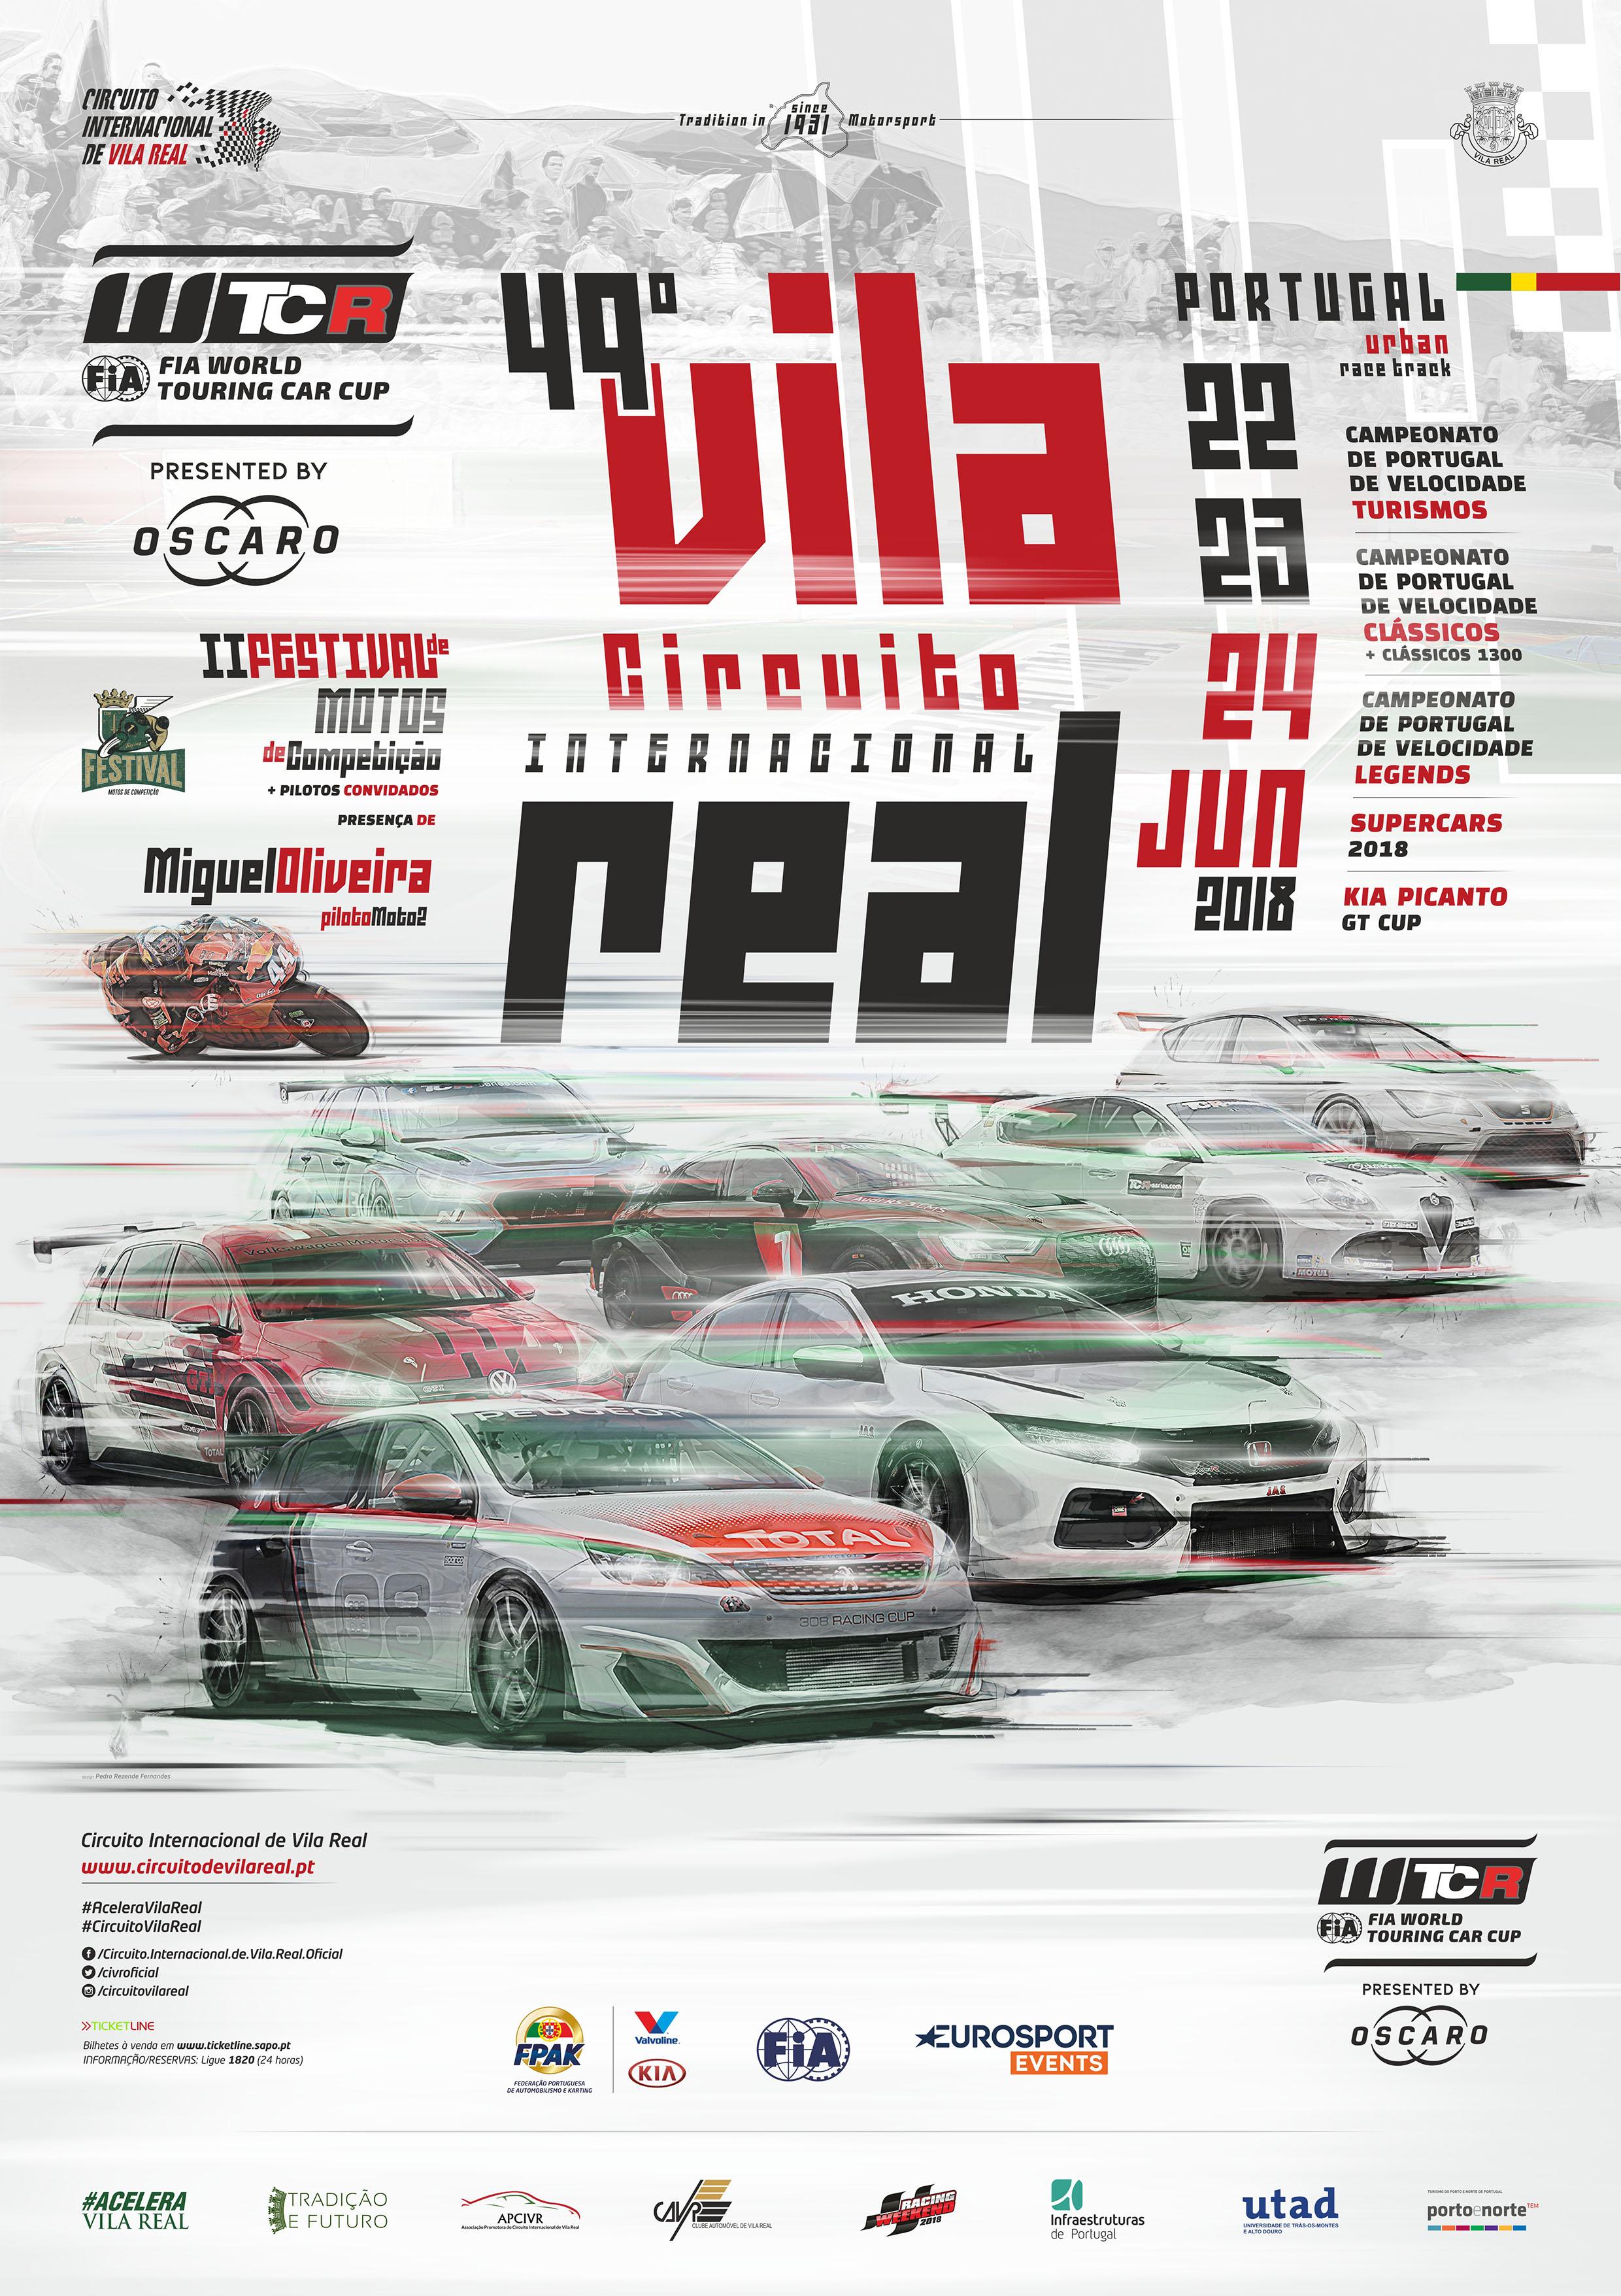 Circuito Vila Real : Cartaz do º circuito internacional de vila real u circuito